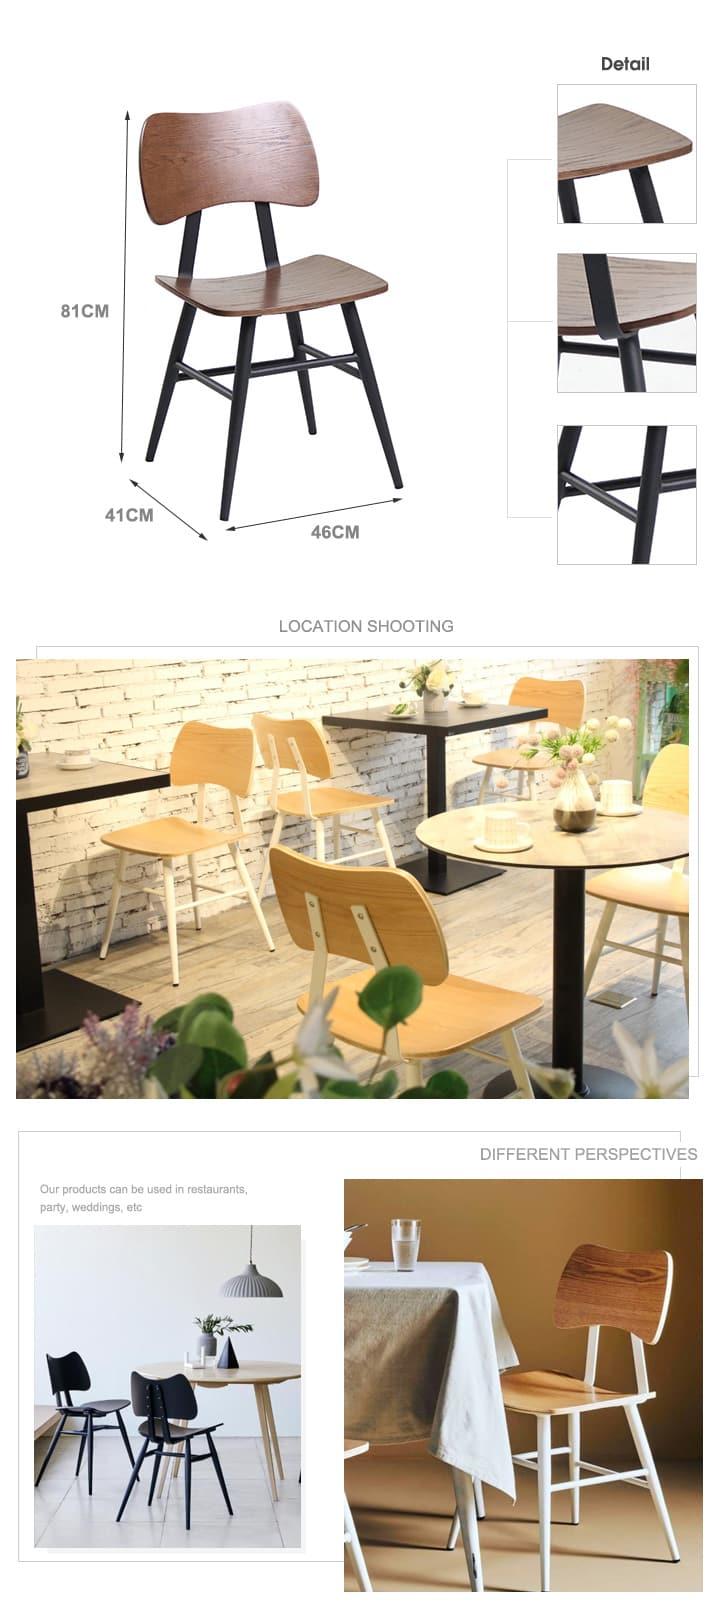 كراسي تناول الطعام الخشبية ذات المقعد الخشبي الشهير 741-H45-STW